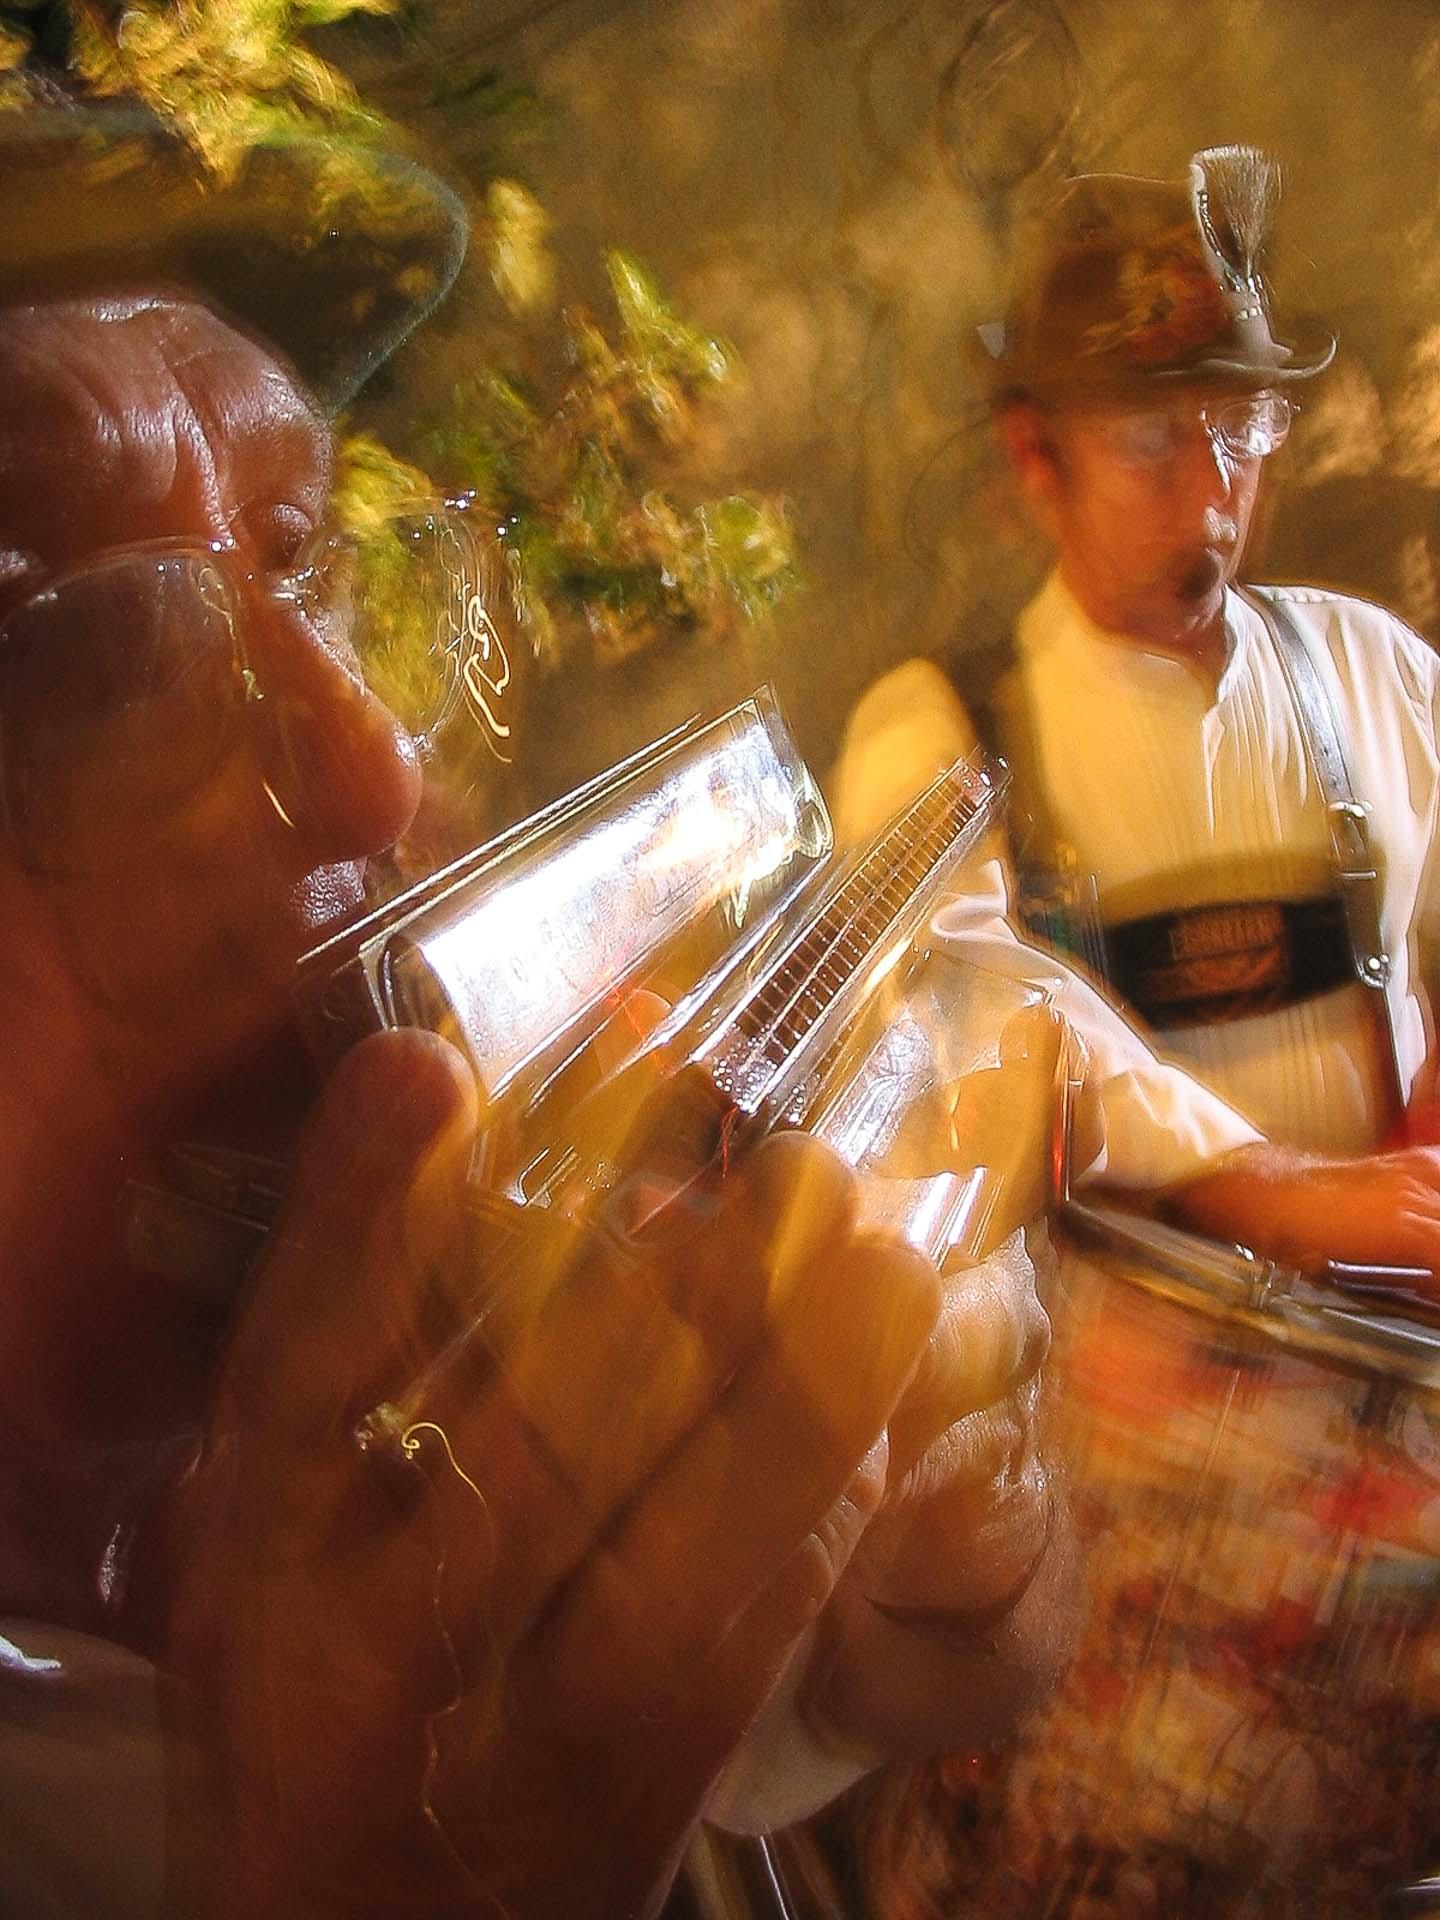 Músicos tocam durante a Oktoberfest de Blumenau, com uma harmônica em primeiro plano